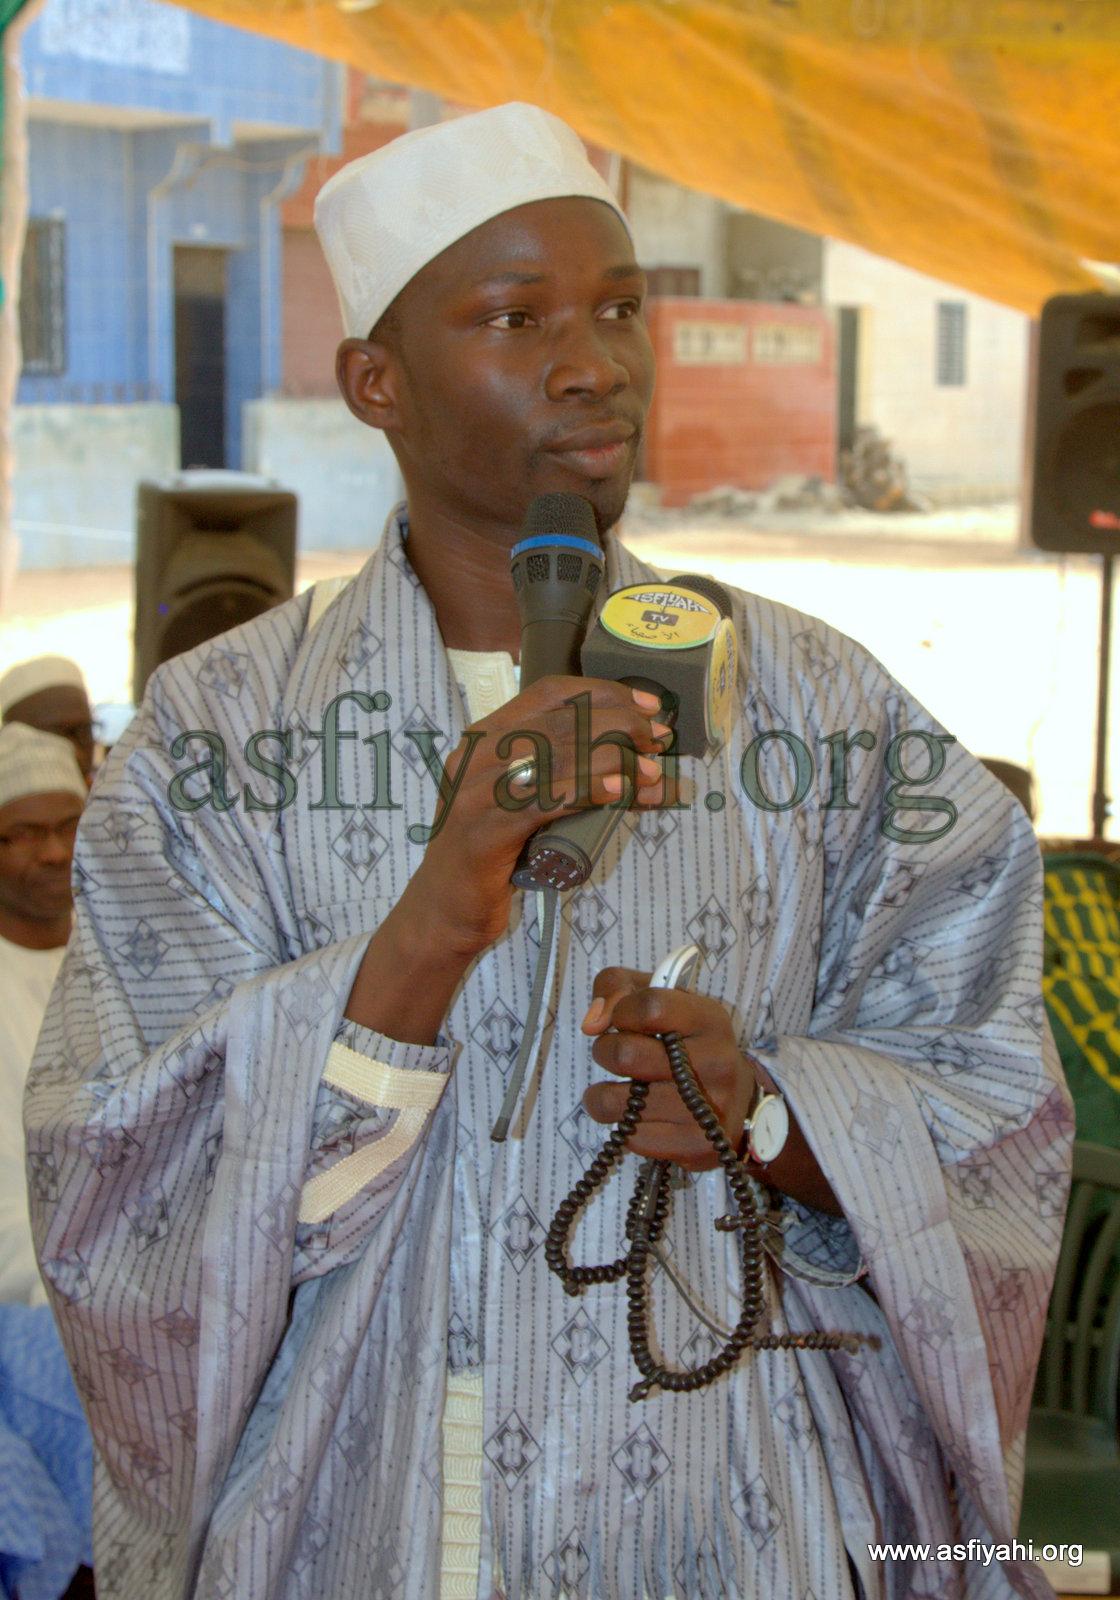 PHOTOS : Les Images de la Conference Annuelle de Ibrahima Ndiaye du Groupe Sope Borom Dokhoba, Dimanche 28 Juin 2015 aux Parcelles Assainies